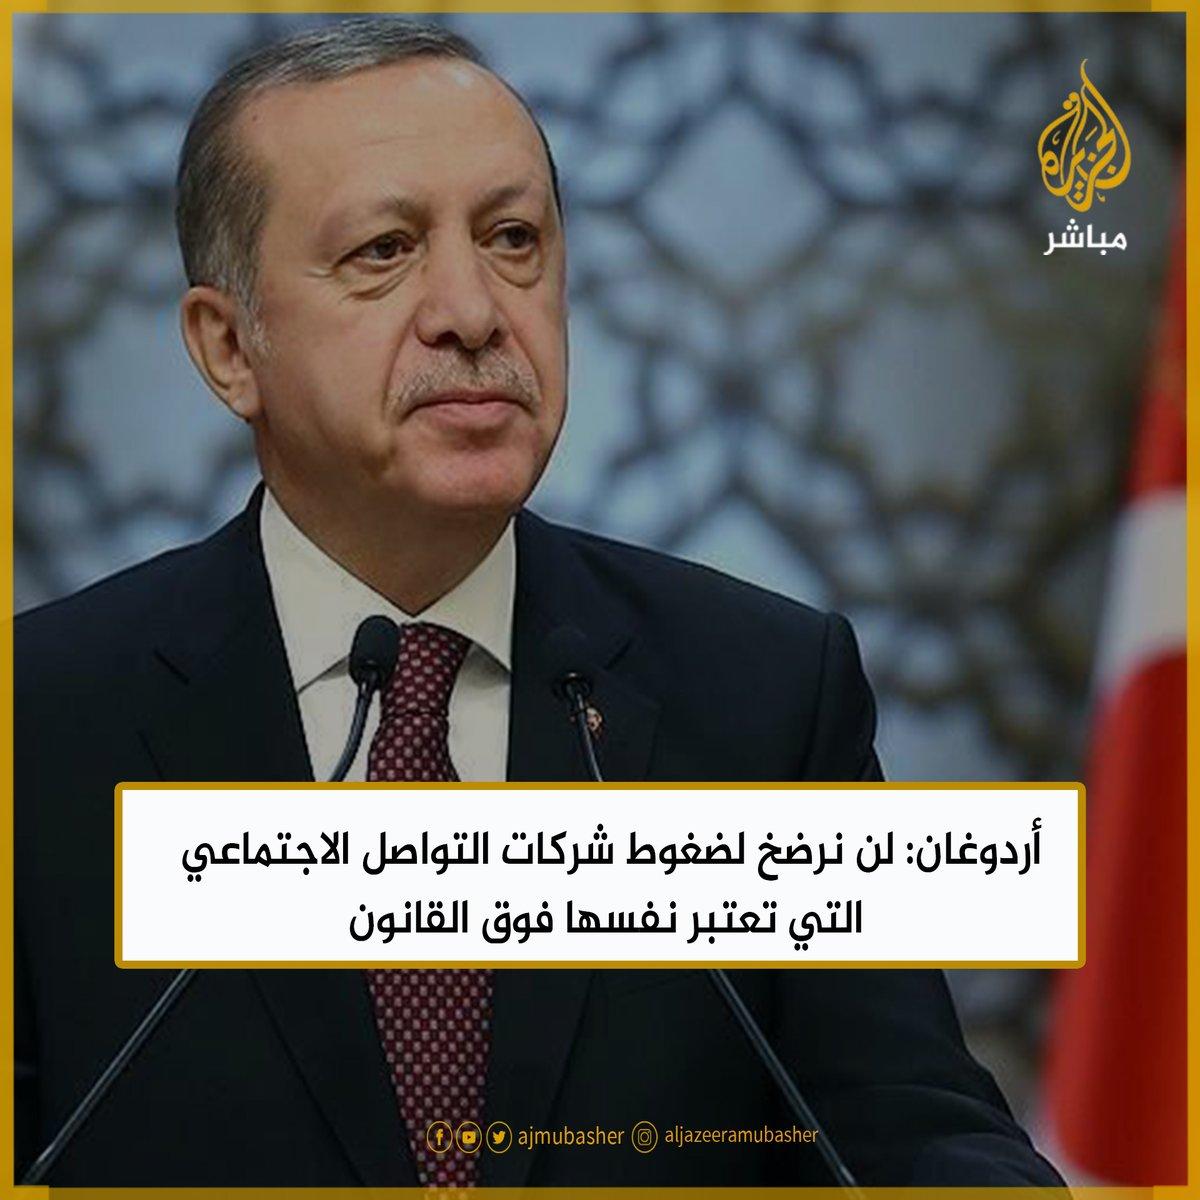 أردوغان لن نرضخ لضغوط شركات التواصل الاجتماعي التي تعتبر نفسها فوق القانون هل تؤيد تصريحات الرئيس التركي؟